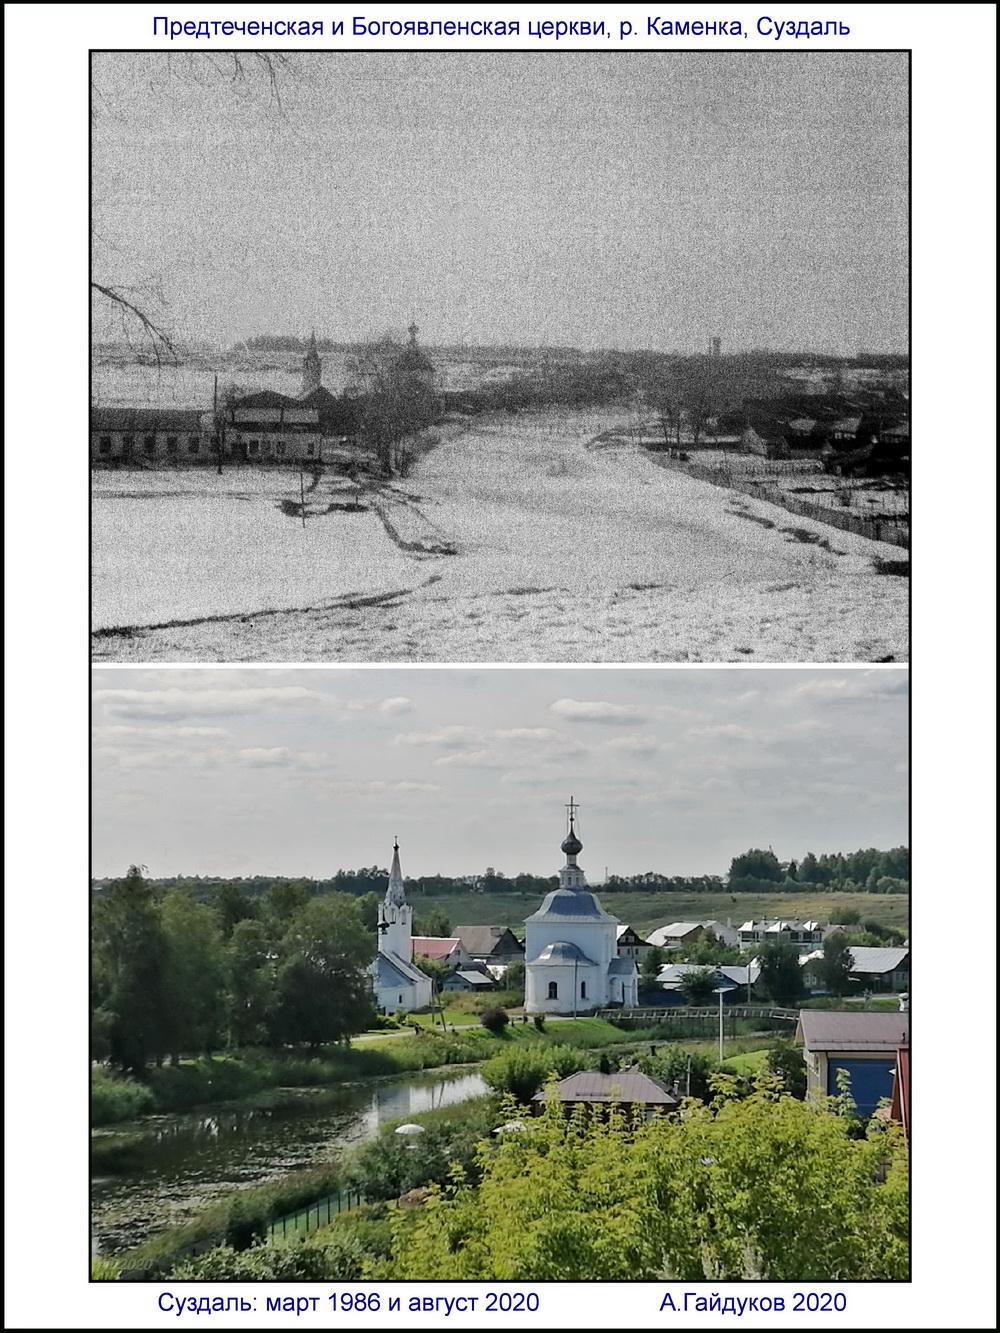 Два взгляда на Суздаль с перерывом в треть века 1986 и 2020  Предтеченская и Богоявленская церкви, р.Каменка